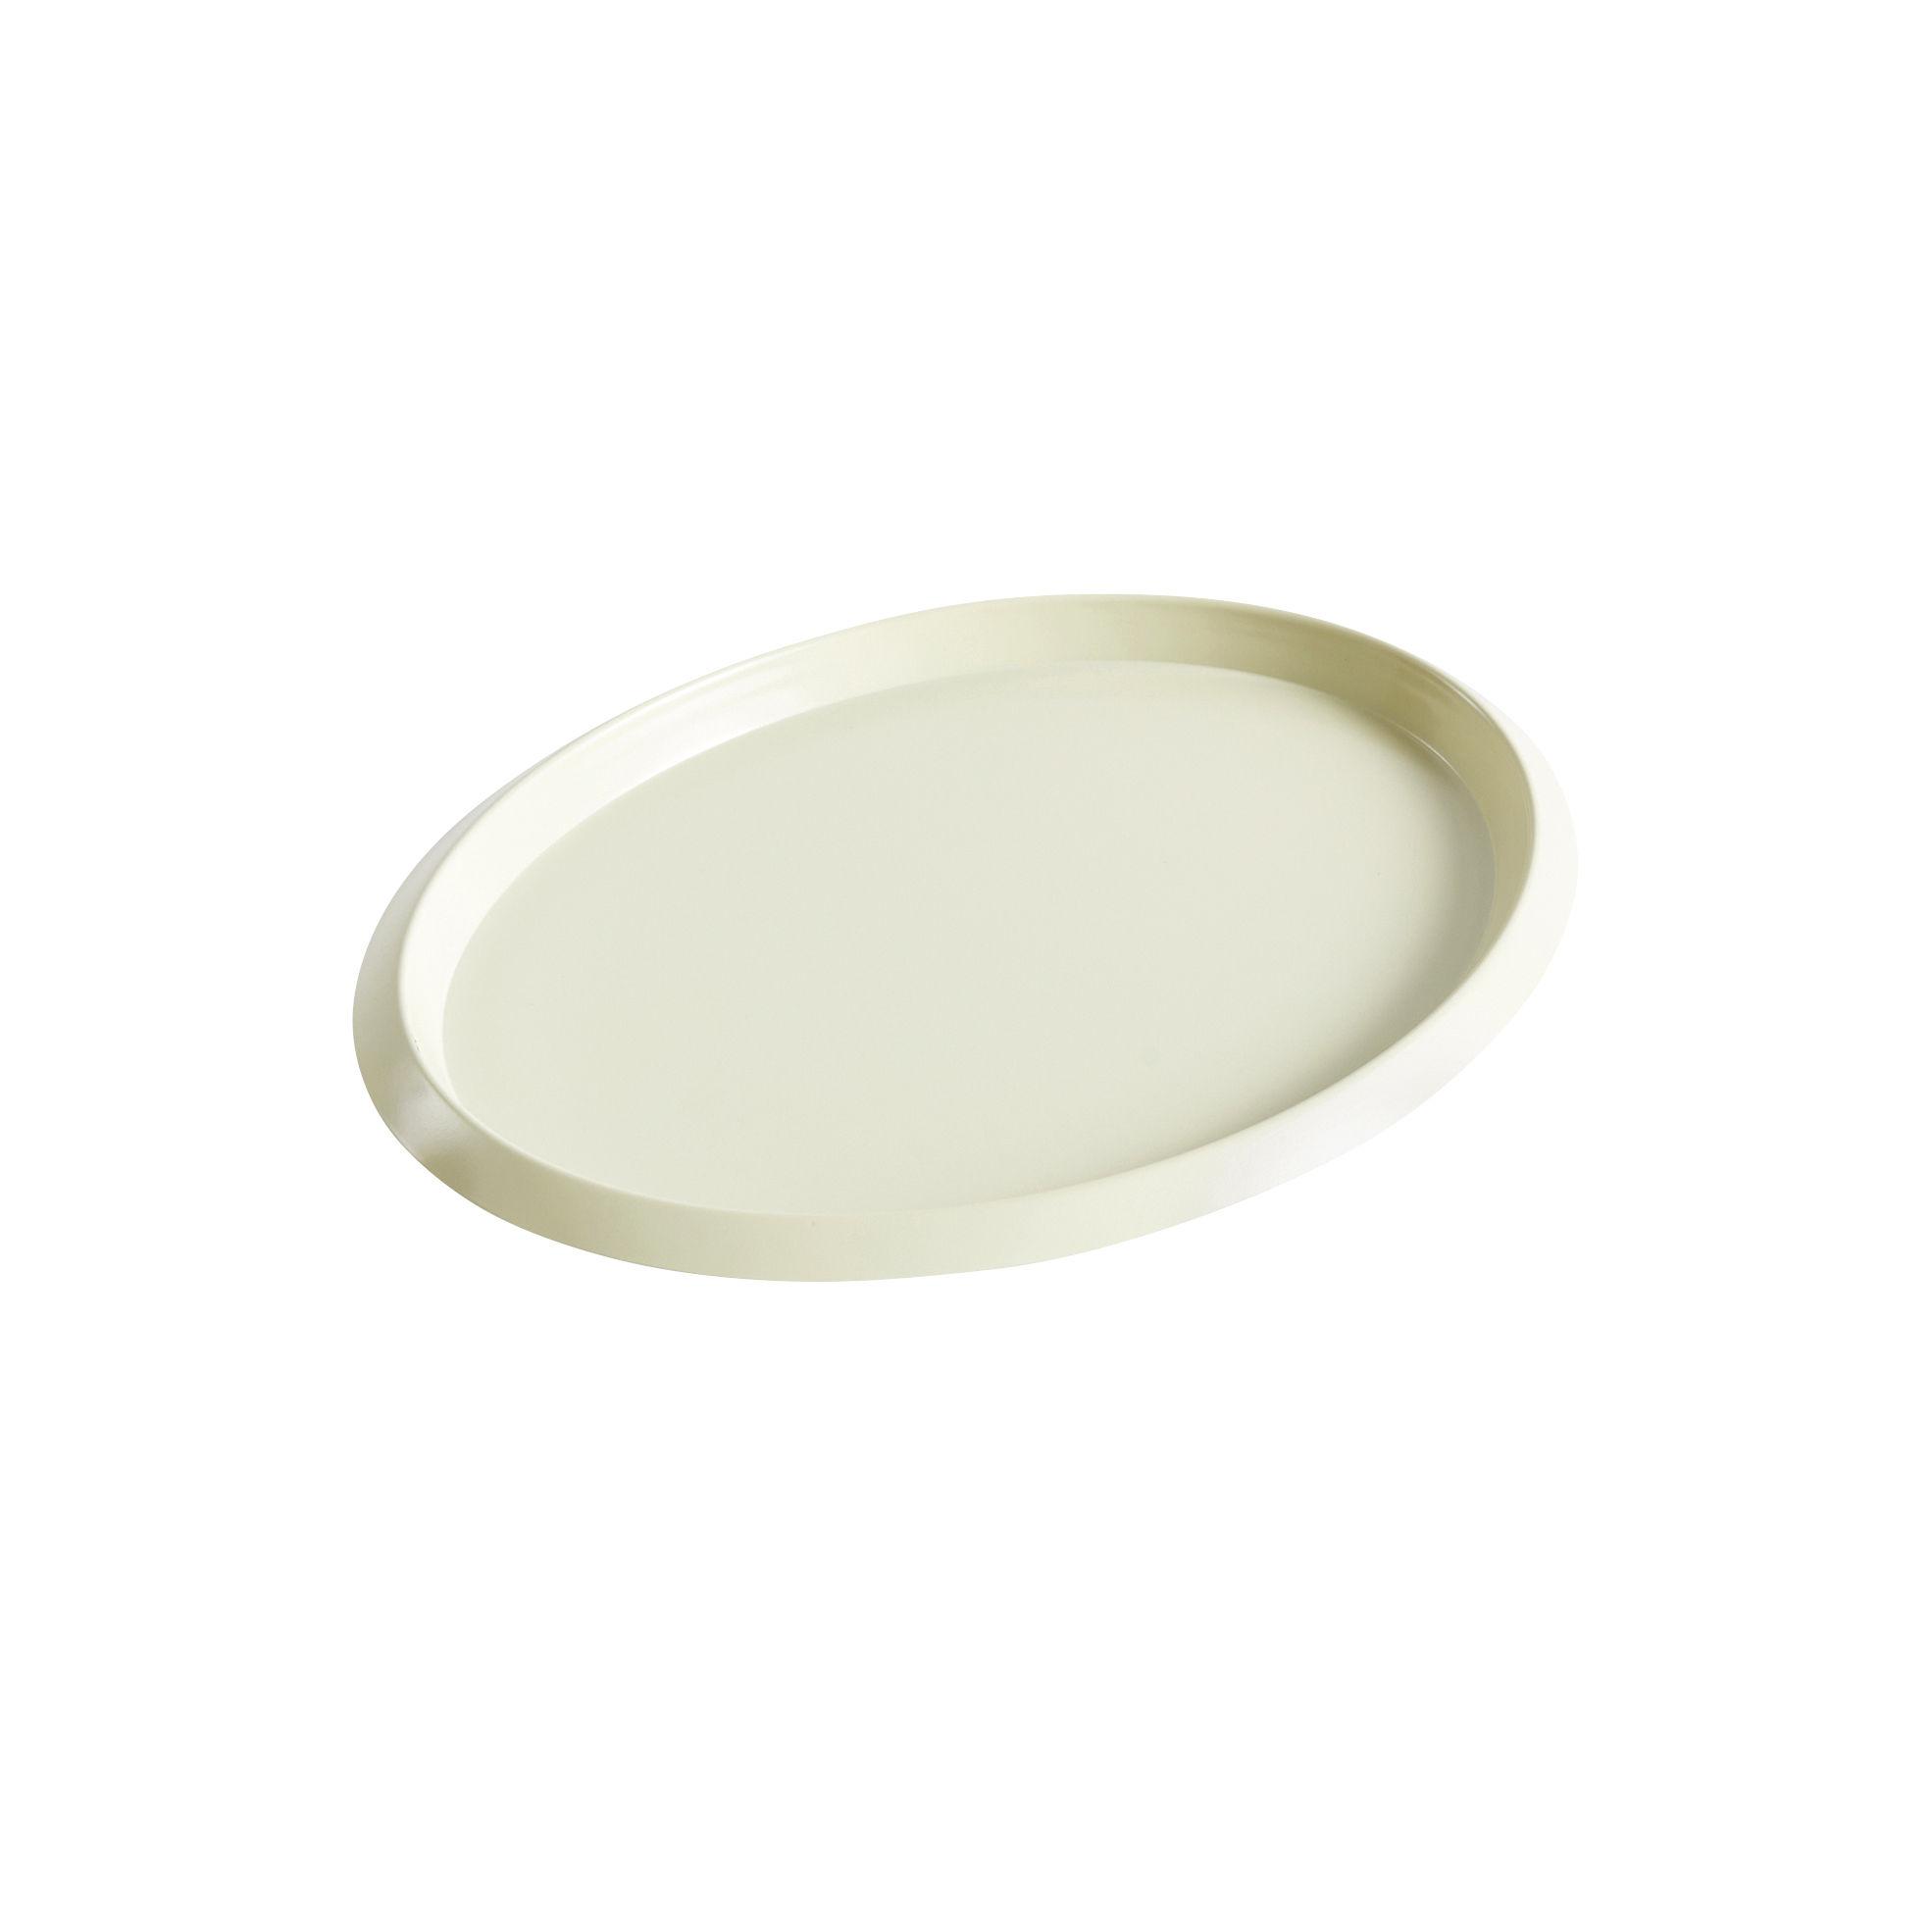 Tavola - Vassoi  - Piano/vassoio Ellipse Small - / 23 x 18 cm - Metallo di Hay - Giallo pallido - Acciaio verniciato